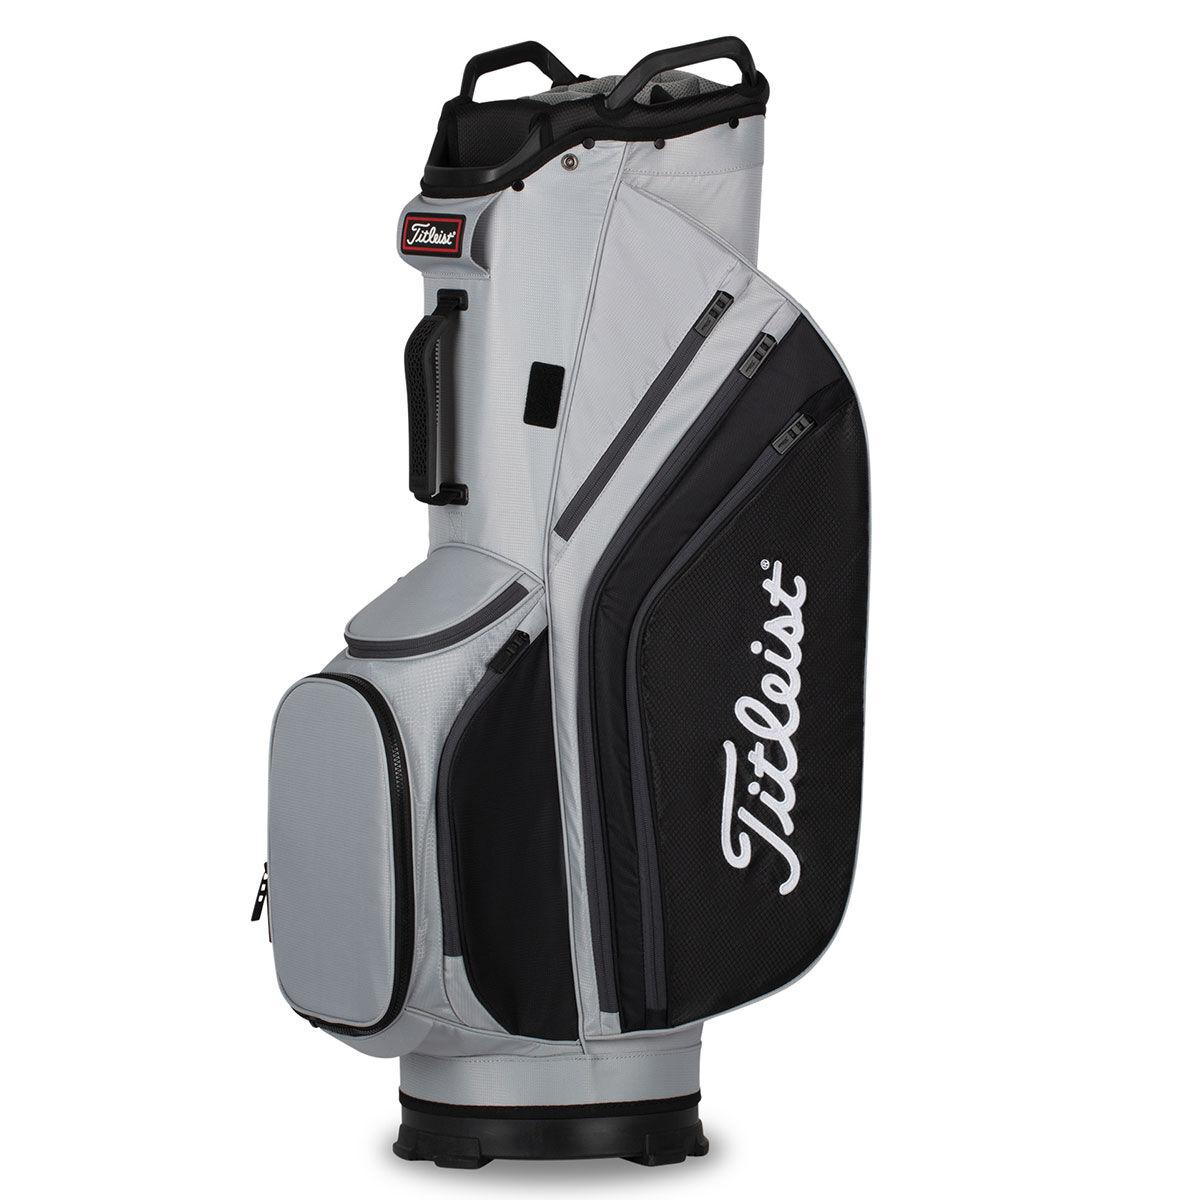 Titleist 14 Lightweight Golf Cart Bag, Grey/black/charcoal, One Size | American Golf